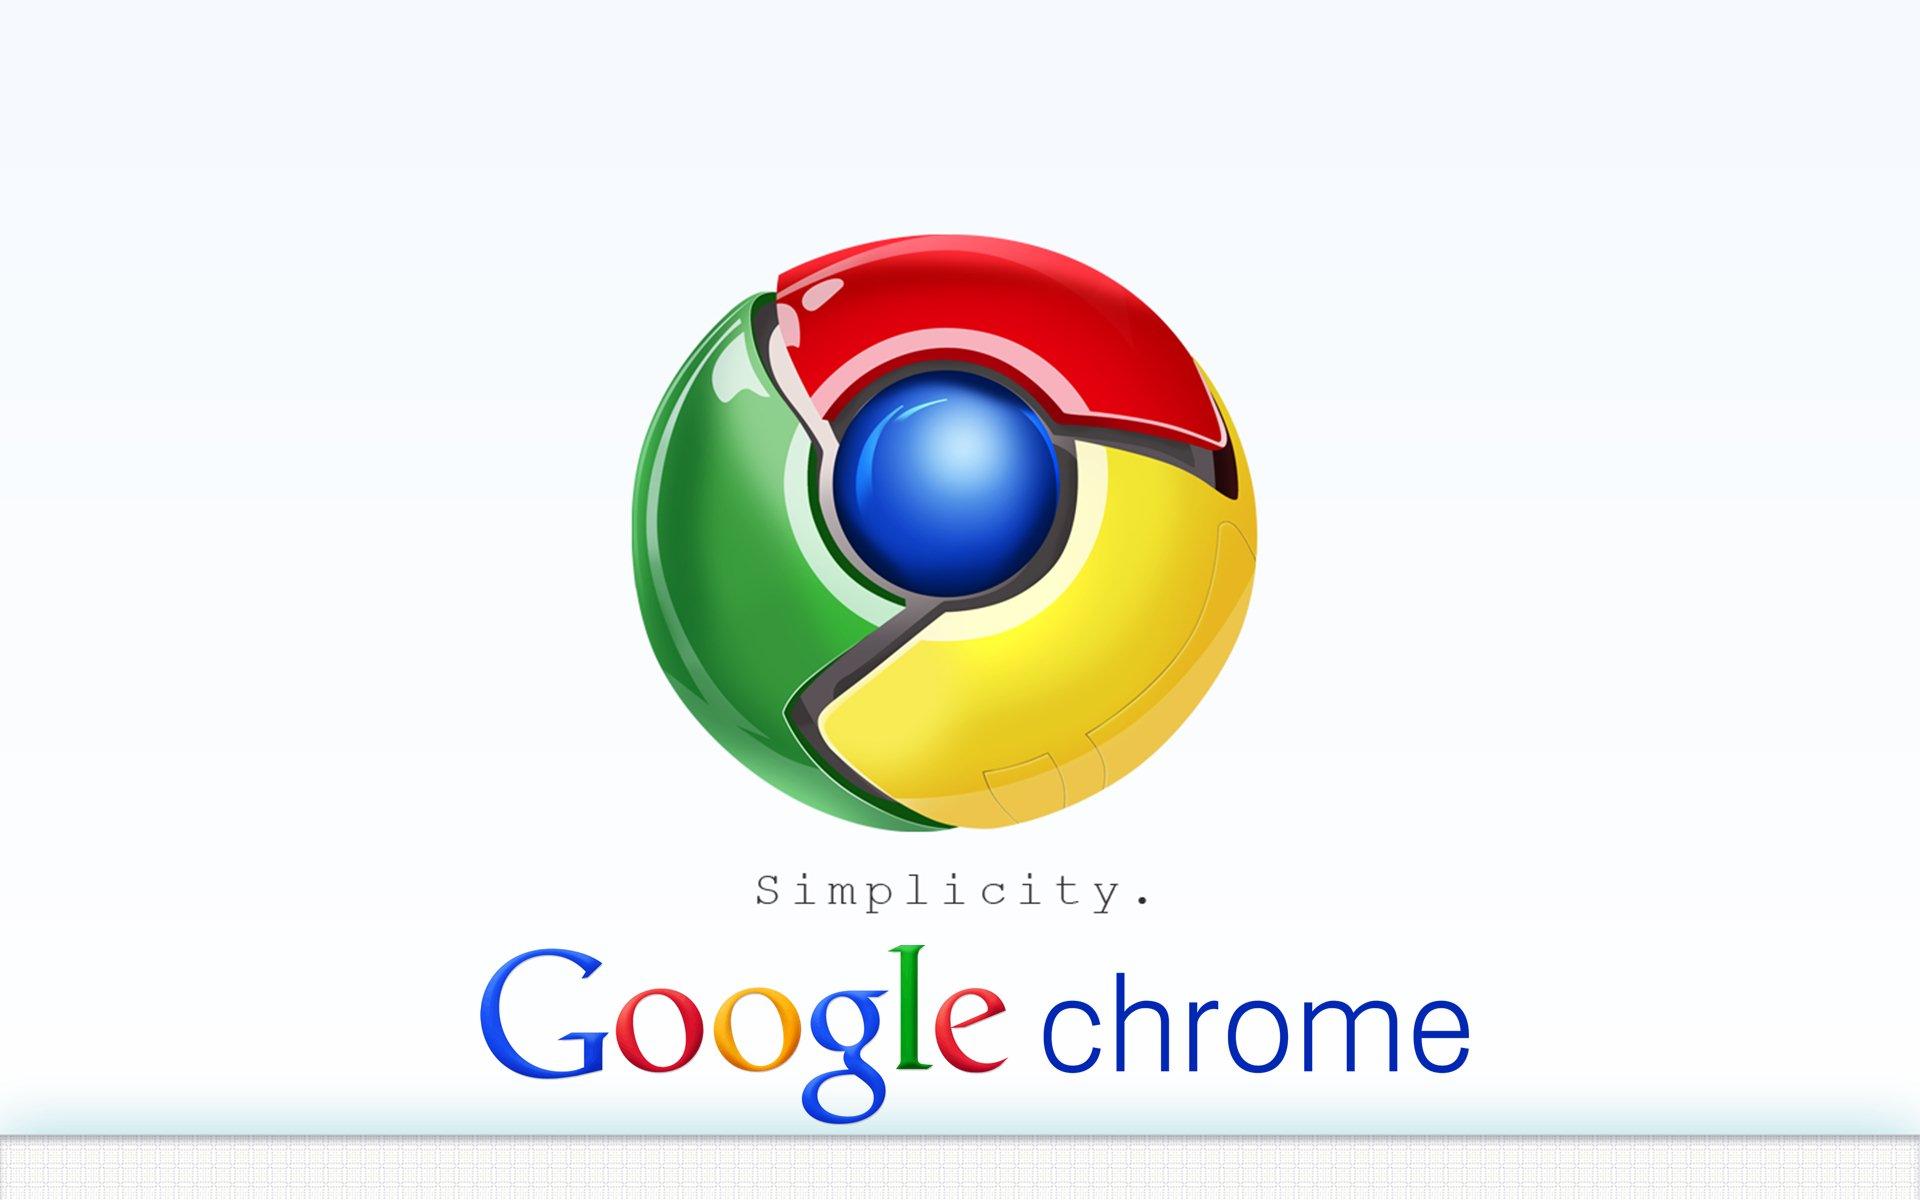 مسیر پیش فرض دانلودها در مرور گر گوگل کروم تغییر دهید!